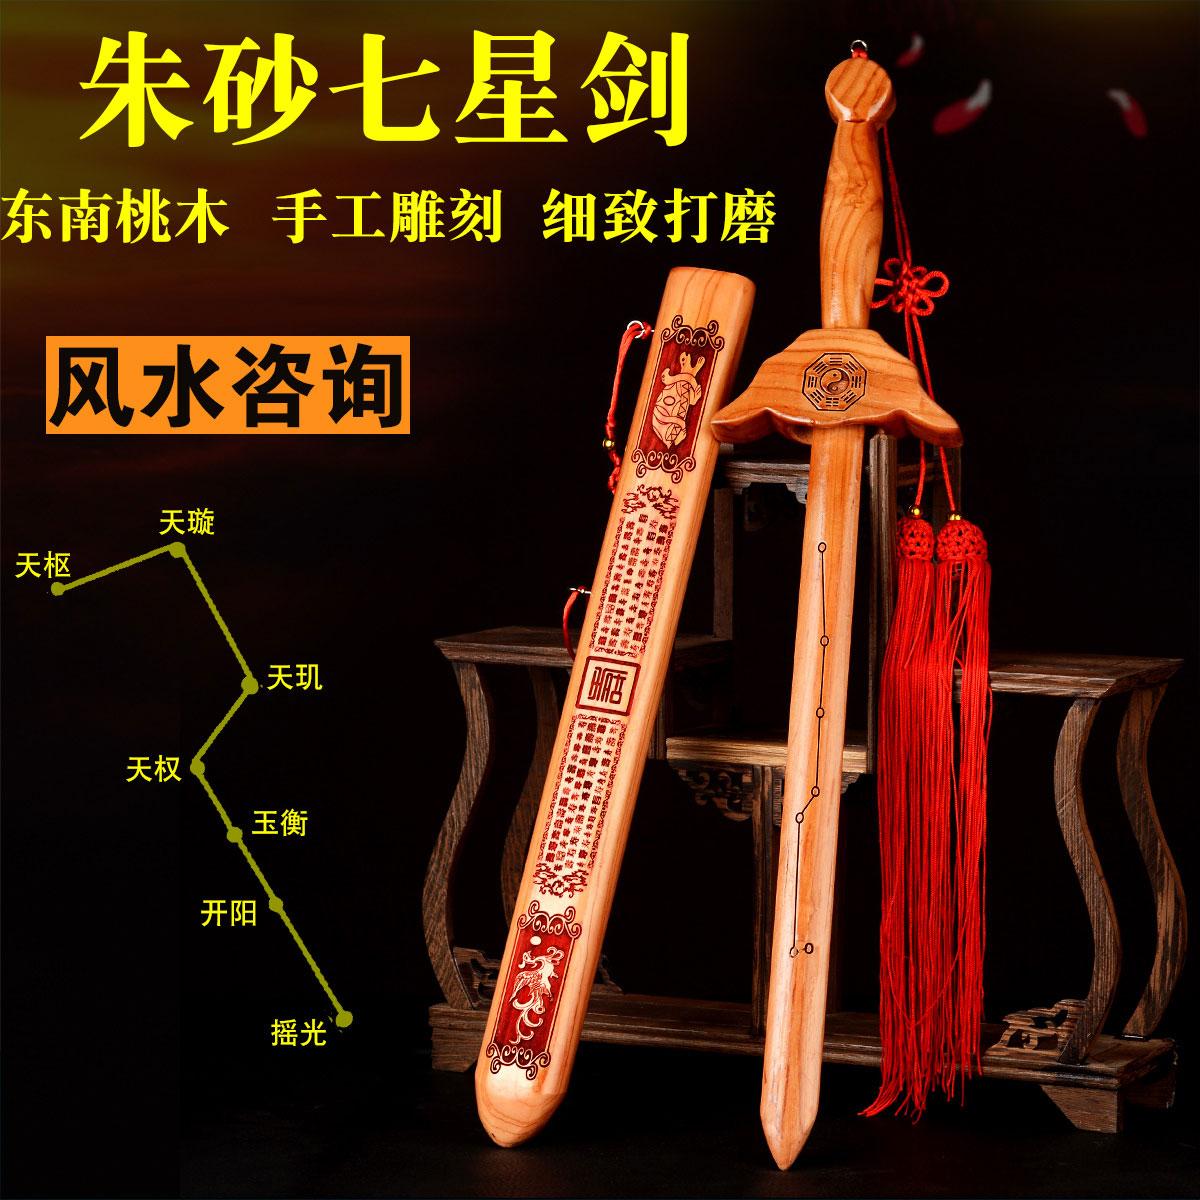 宏图好运肥城桃木剑摆件木雕挂件家居装饰品摆设雕刻双龙麒麟